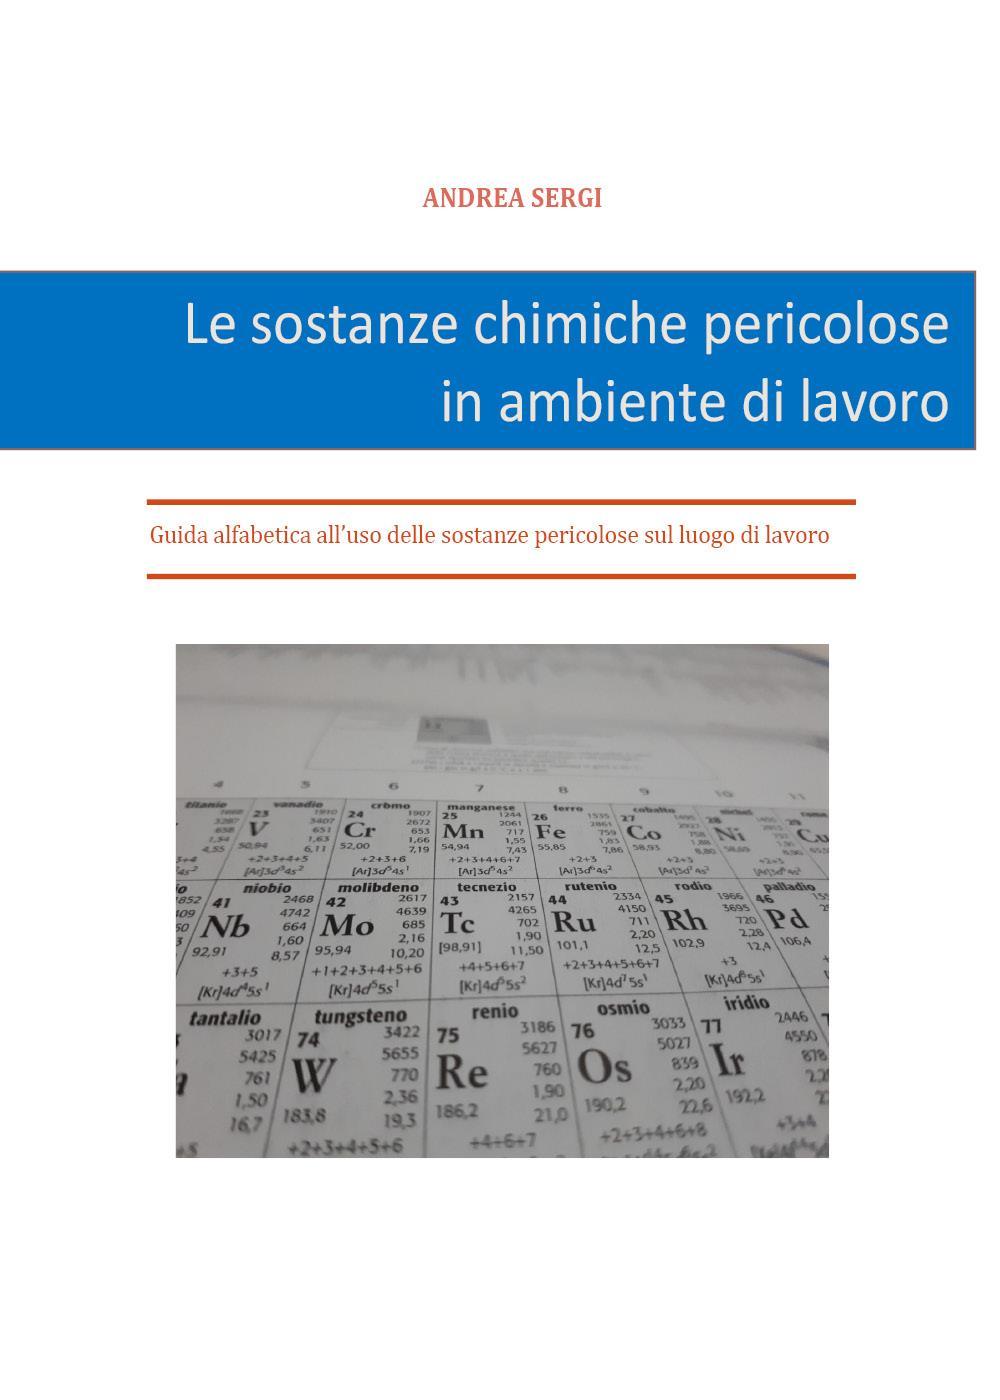 Le sostanze chimiche pericolose in ambiente di lavoro